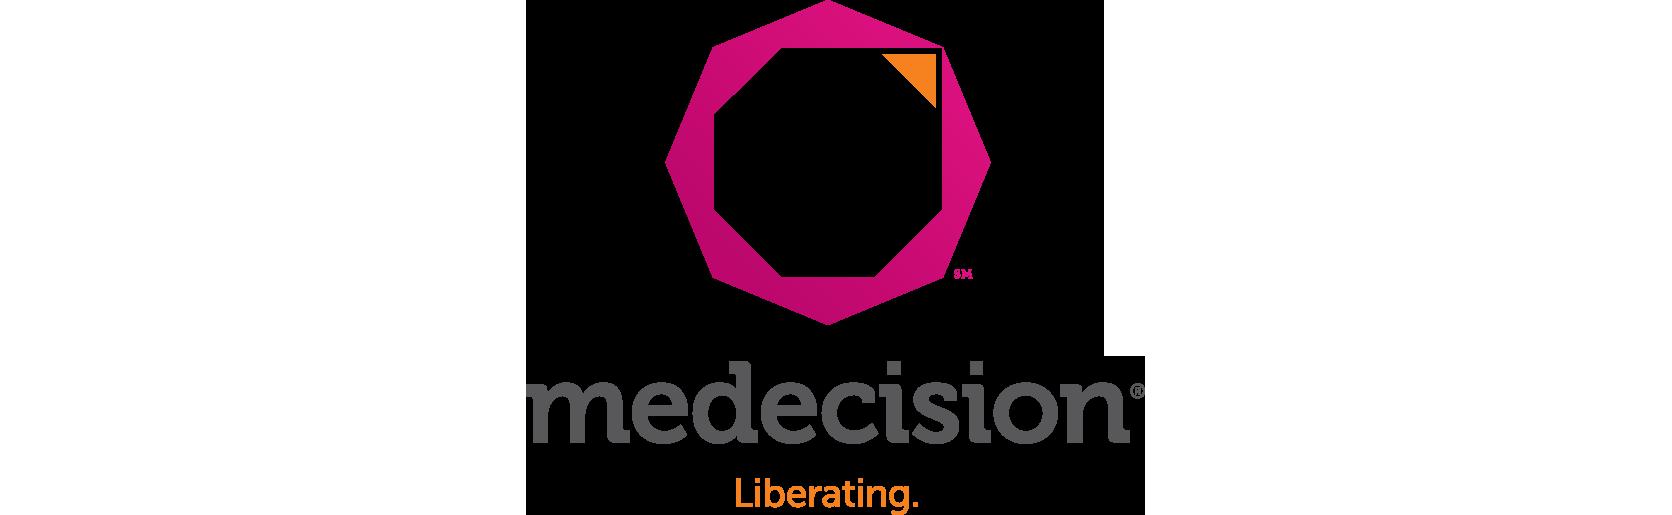 Medecision.png